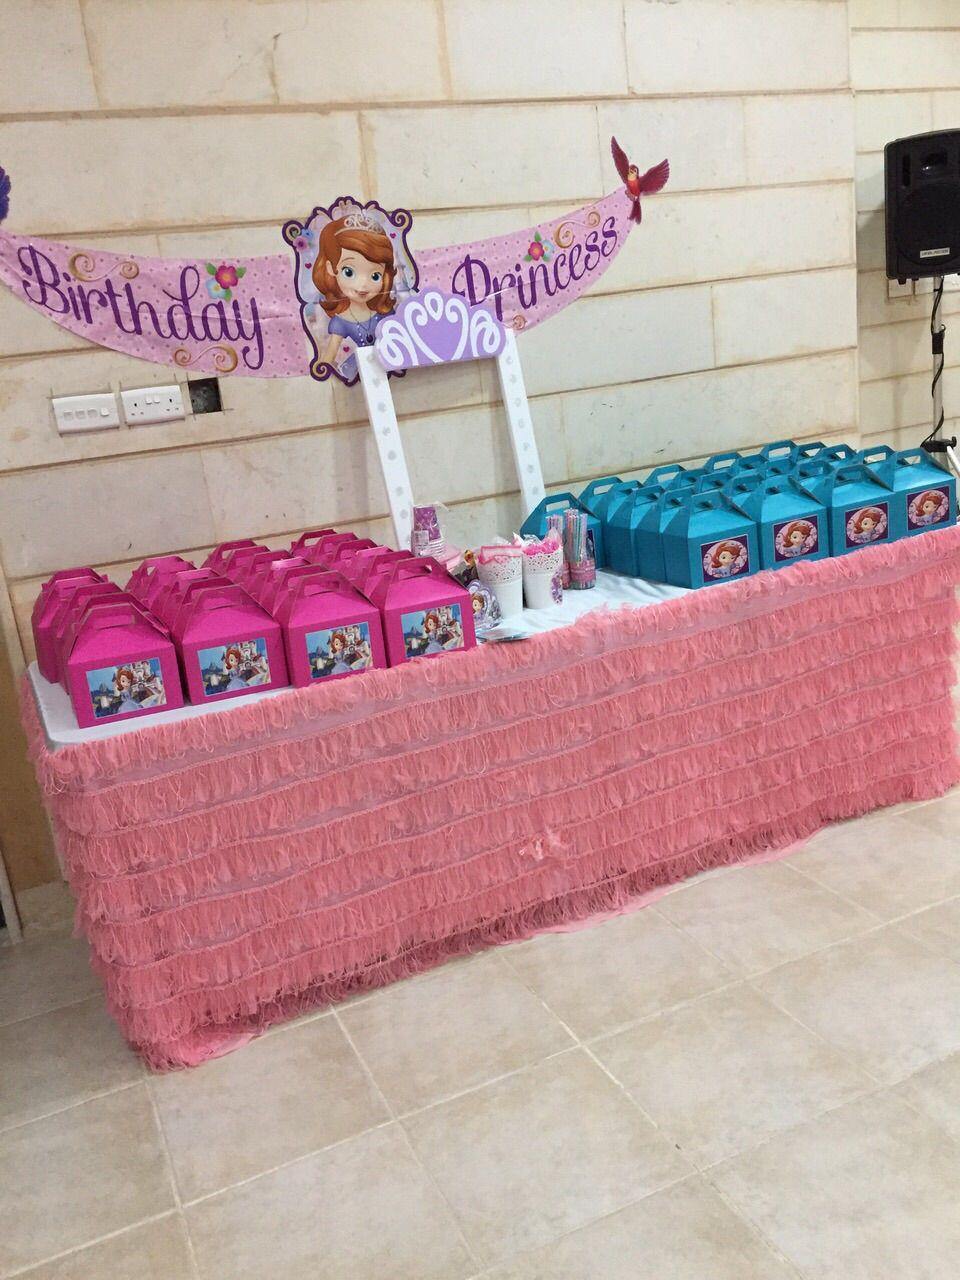 Sofia the first birthday party Kuwait Party partystudio Kuwait